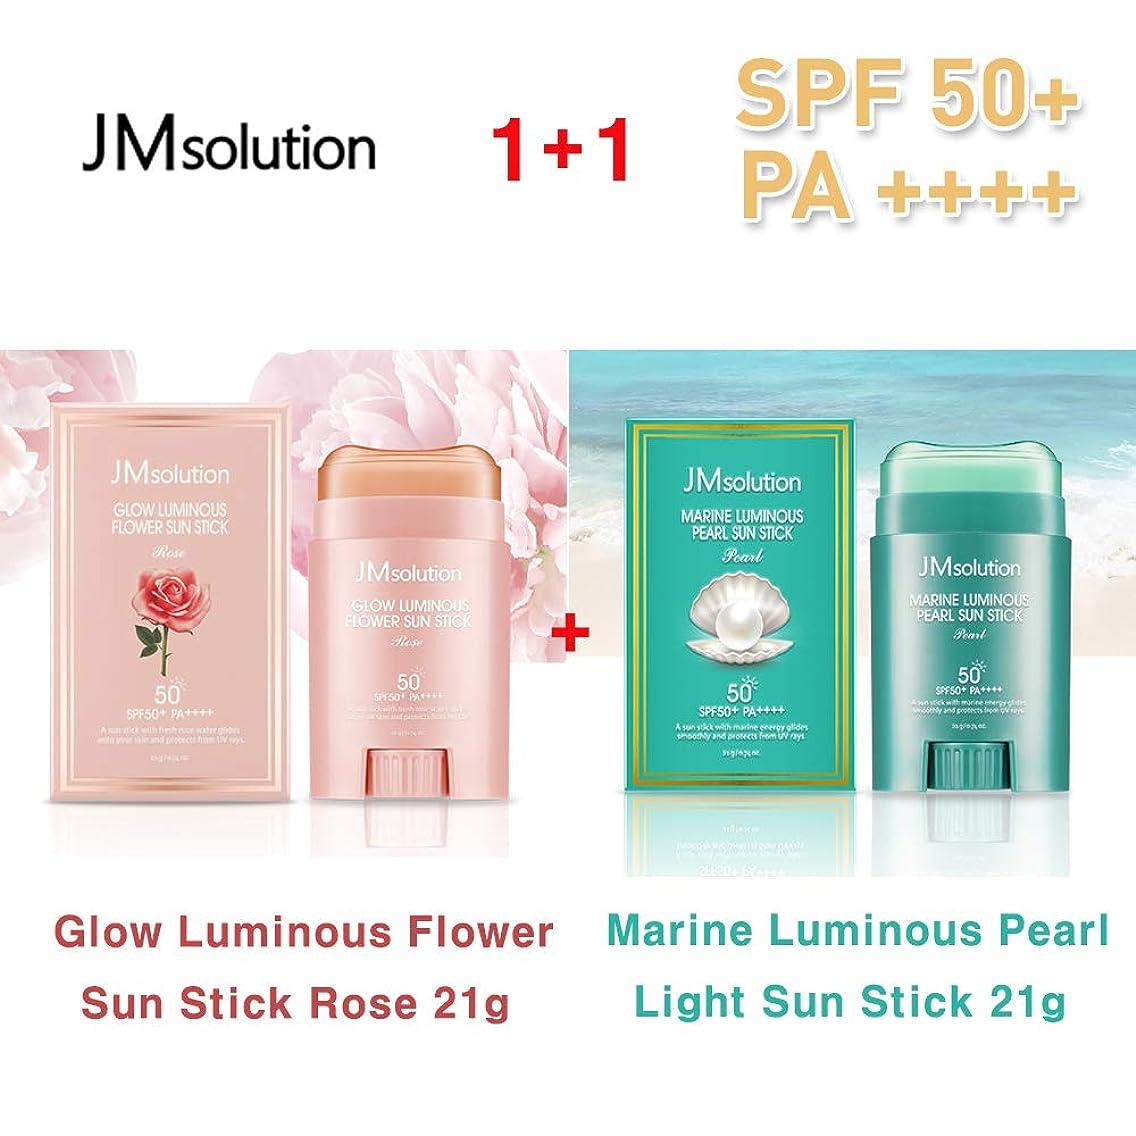 アーサーコナンドイルセミナー理想的JM Solution ★1+1★ Glow Luminous Flower Sun Stick Rose 21g + Marine Luminous Pearl Light Sun Stick 21g / 光る輝く花Sun Stick Rose + マリンルミナスパールライトサンスティック21g /